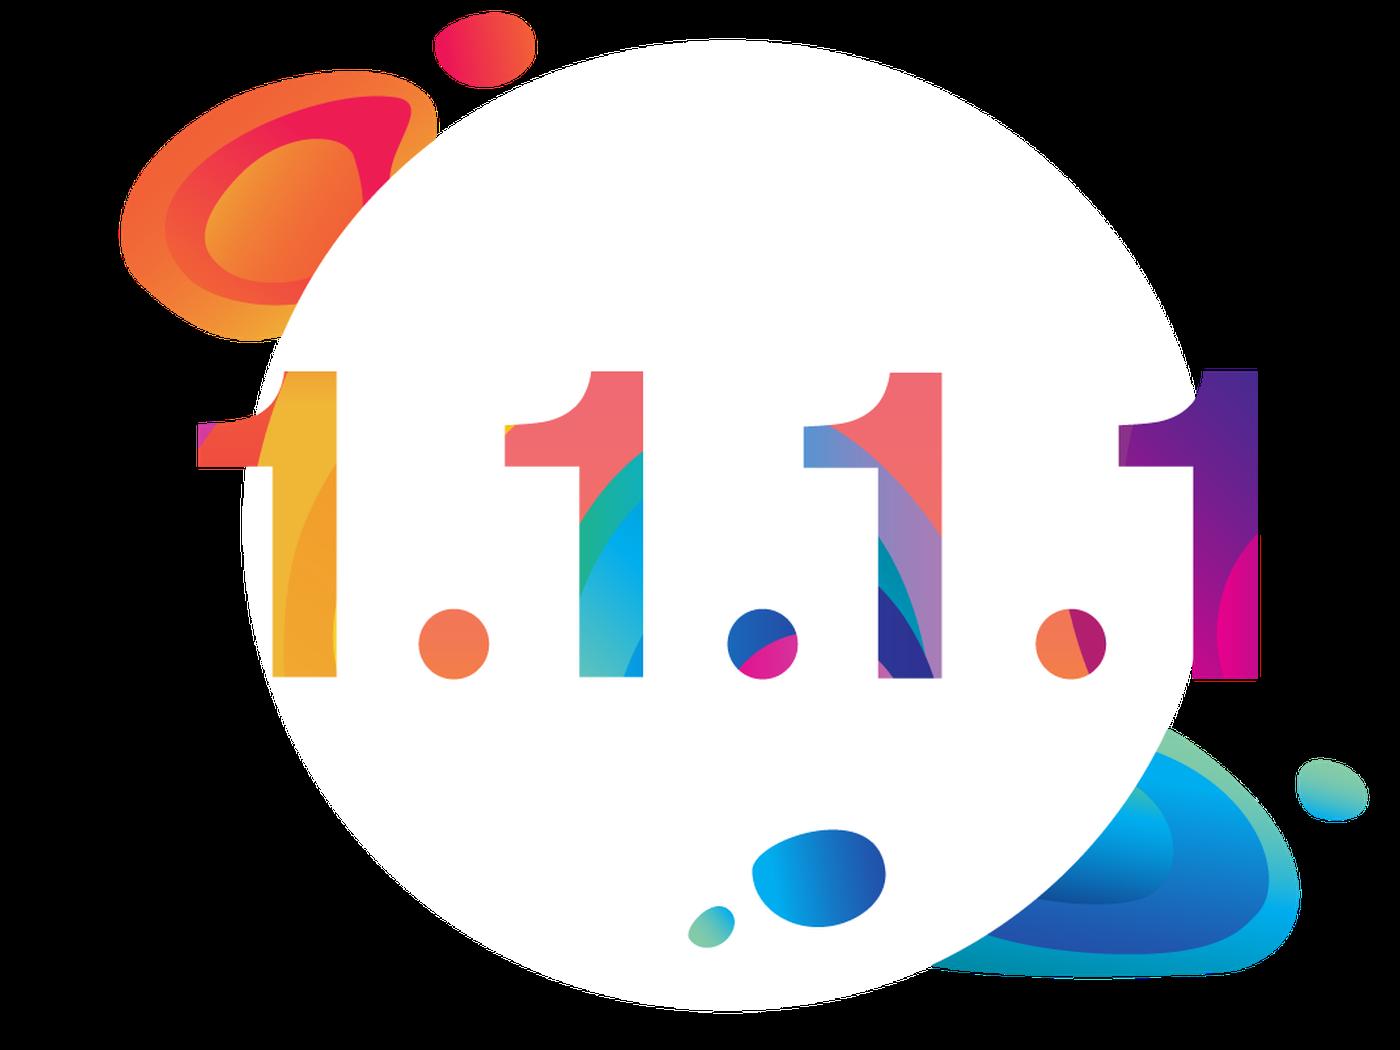 """HƯỚNG DẪN CÀI ĐẶT 1.1.1.1 VÀ BUFF GB WARP PLUS """"MÙA"""" ĐỨT CÁP"""